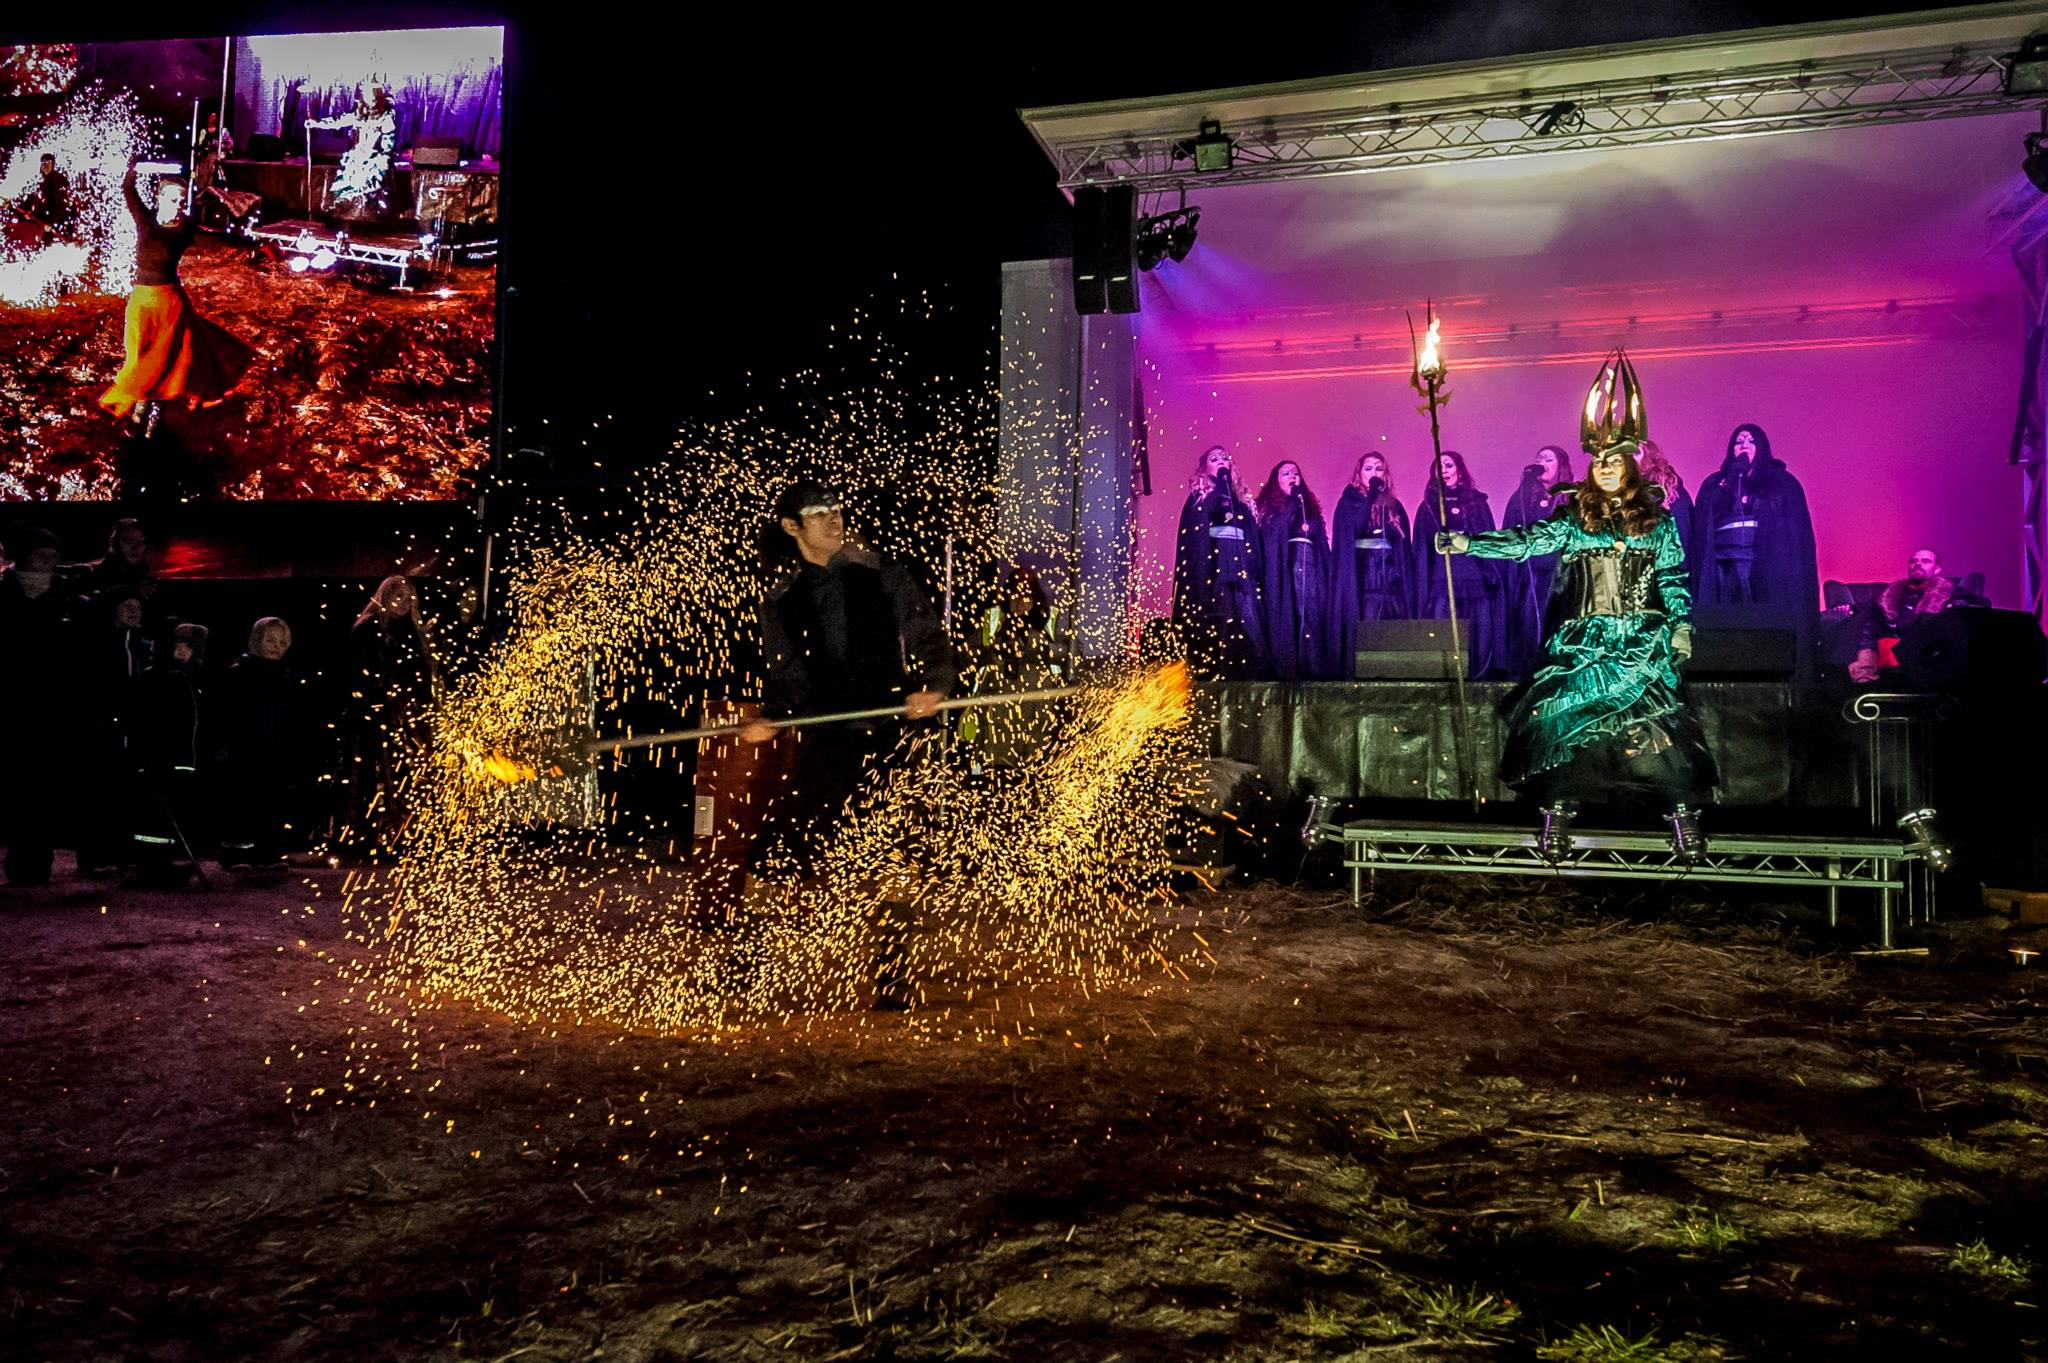 Ledskärm och mobil scen som www.pro-stage.se hade med sig till Midvinterglöd. Foto: Martin Burmester